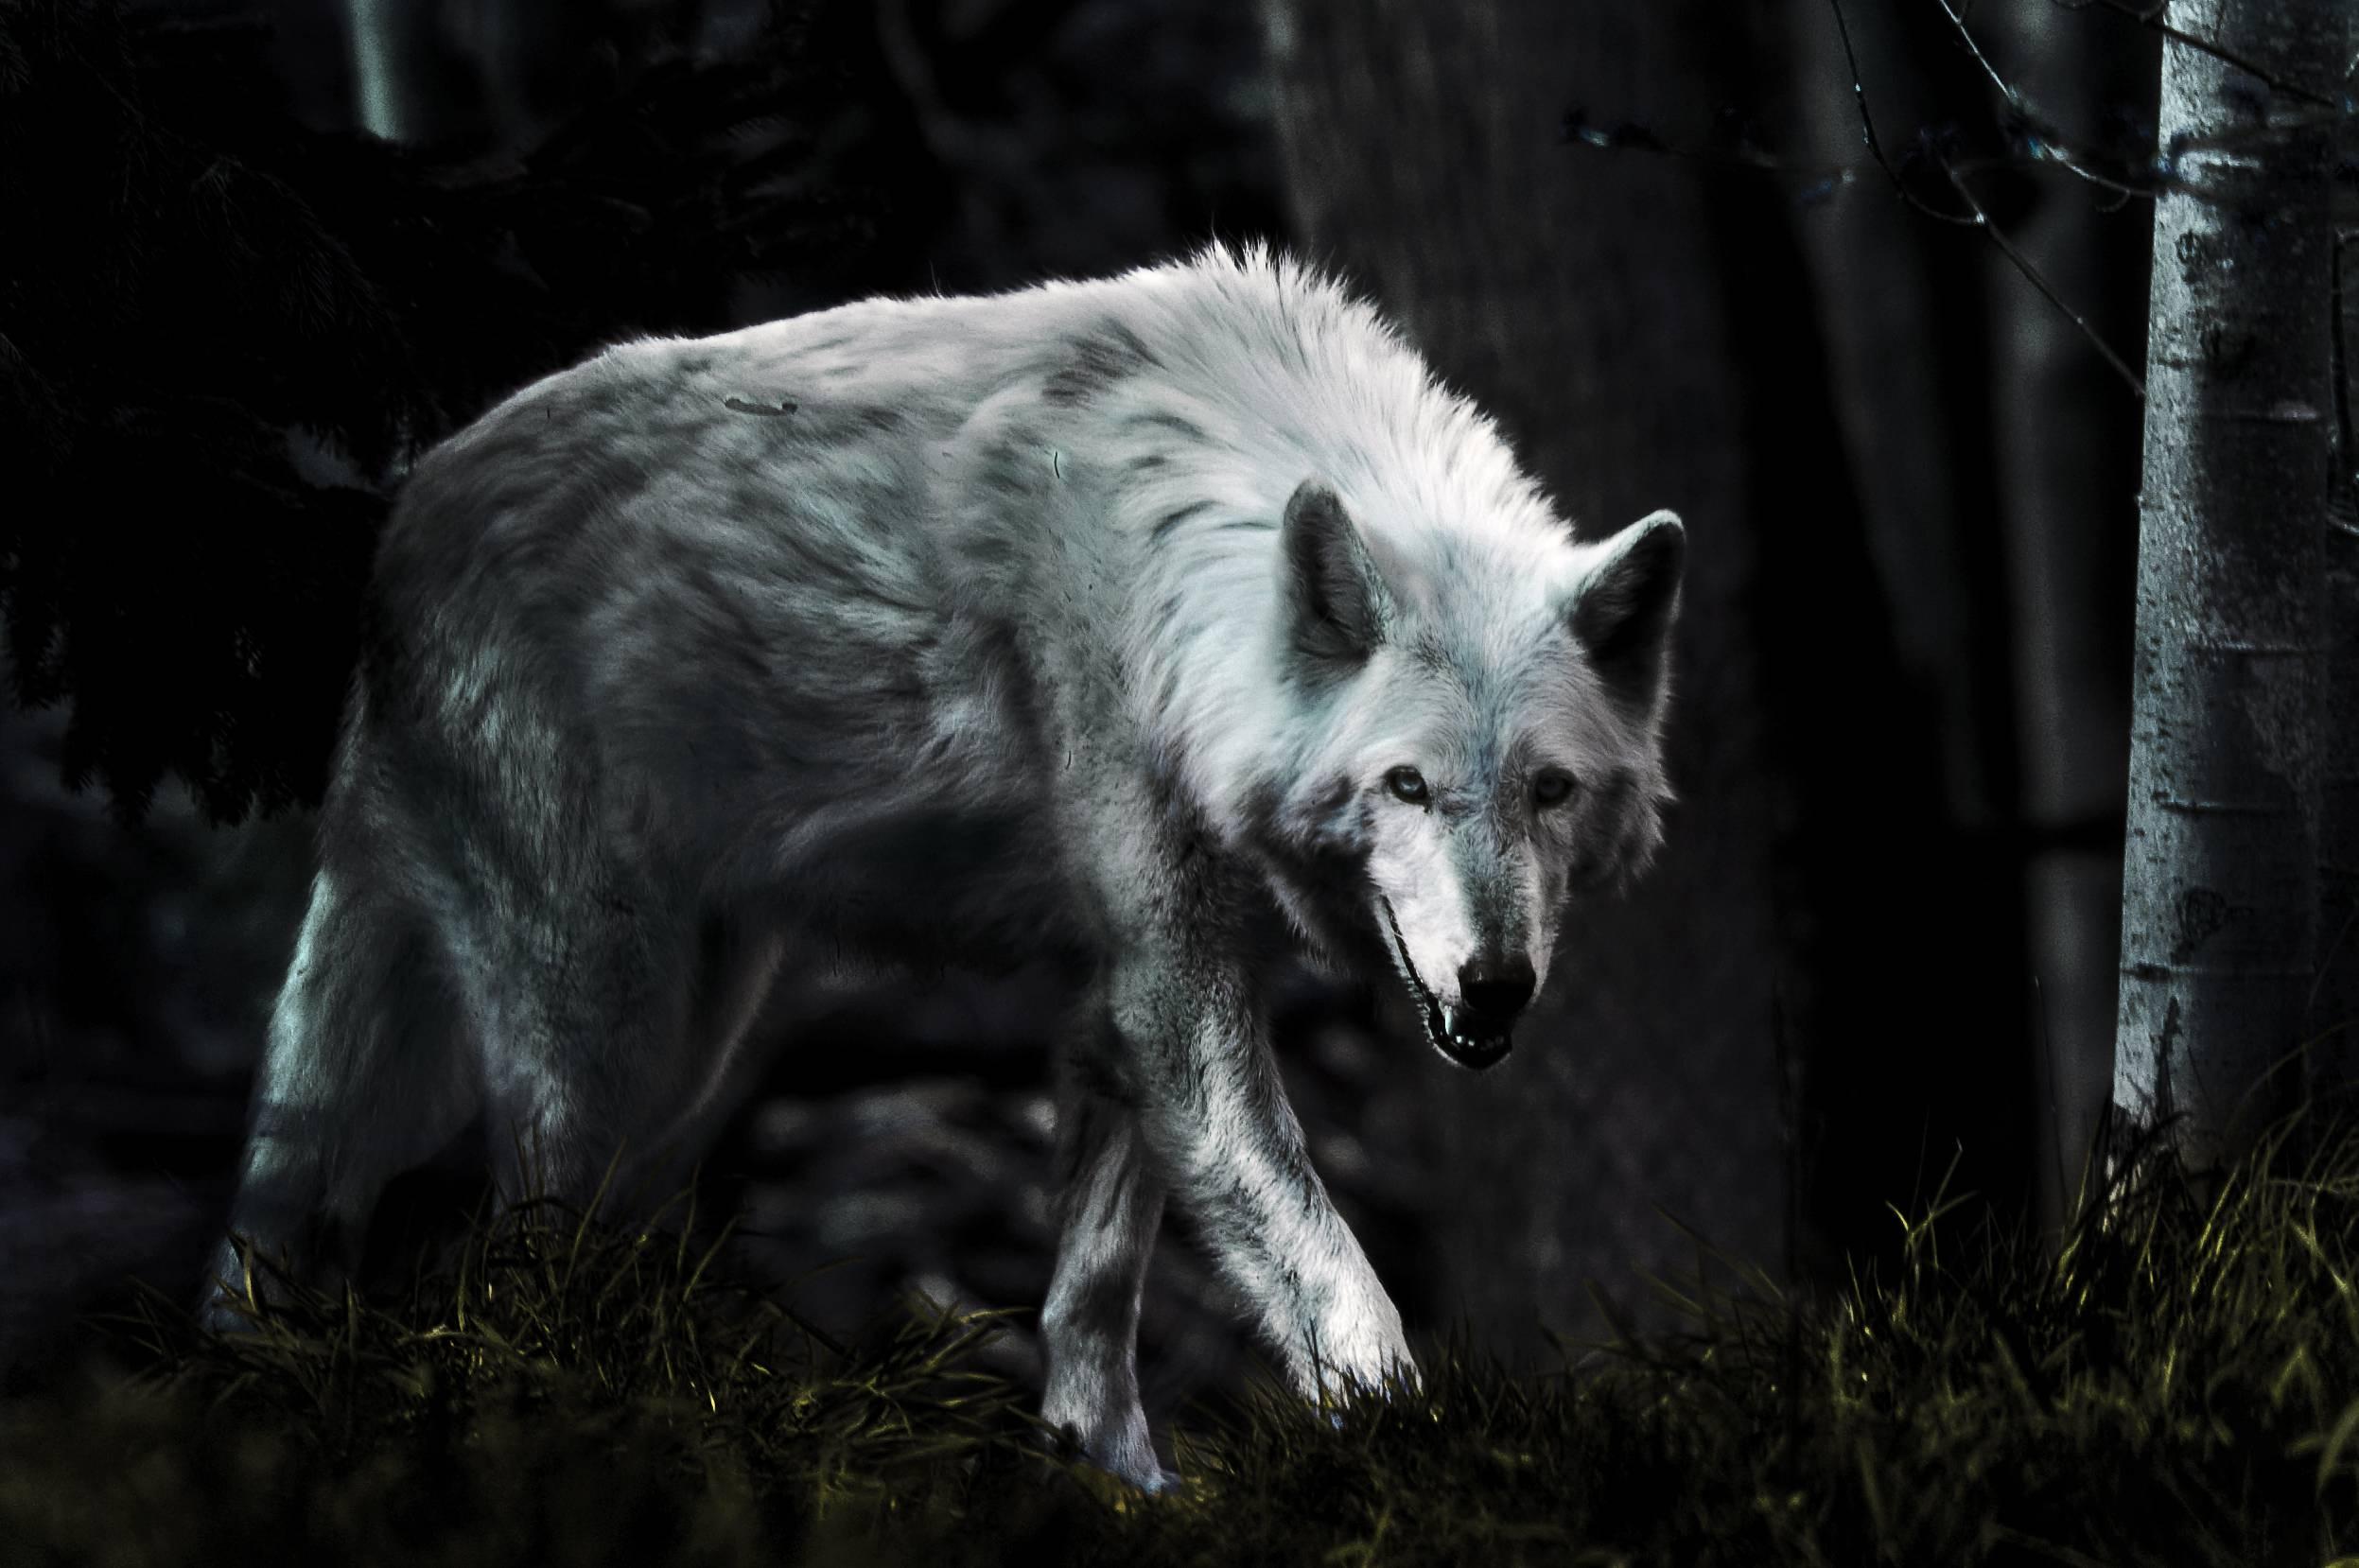 Hình nền con sói đen 2494x1658 - Nhận hình nền HD miễn phí